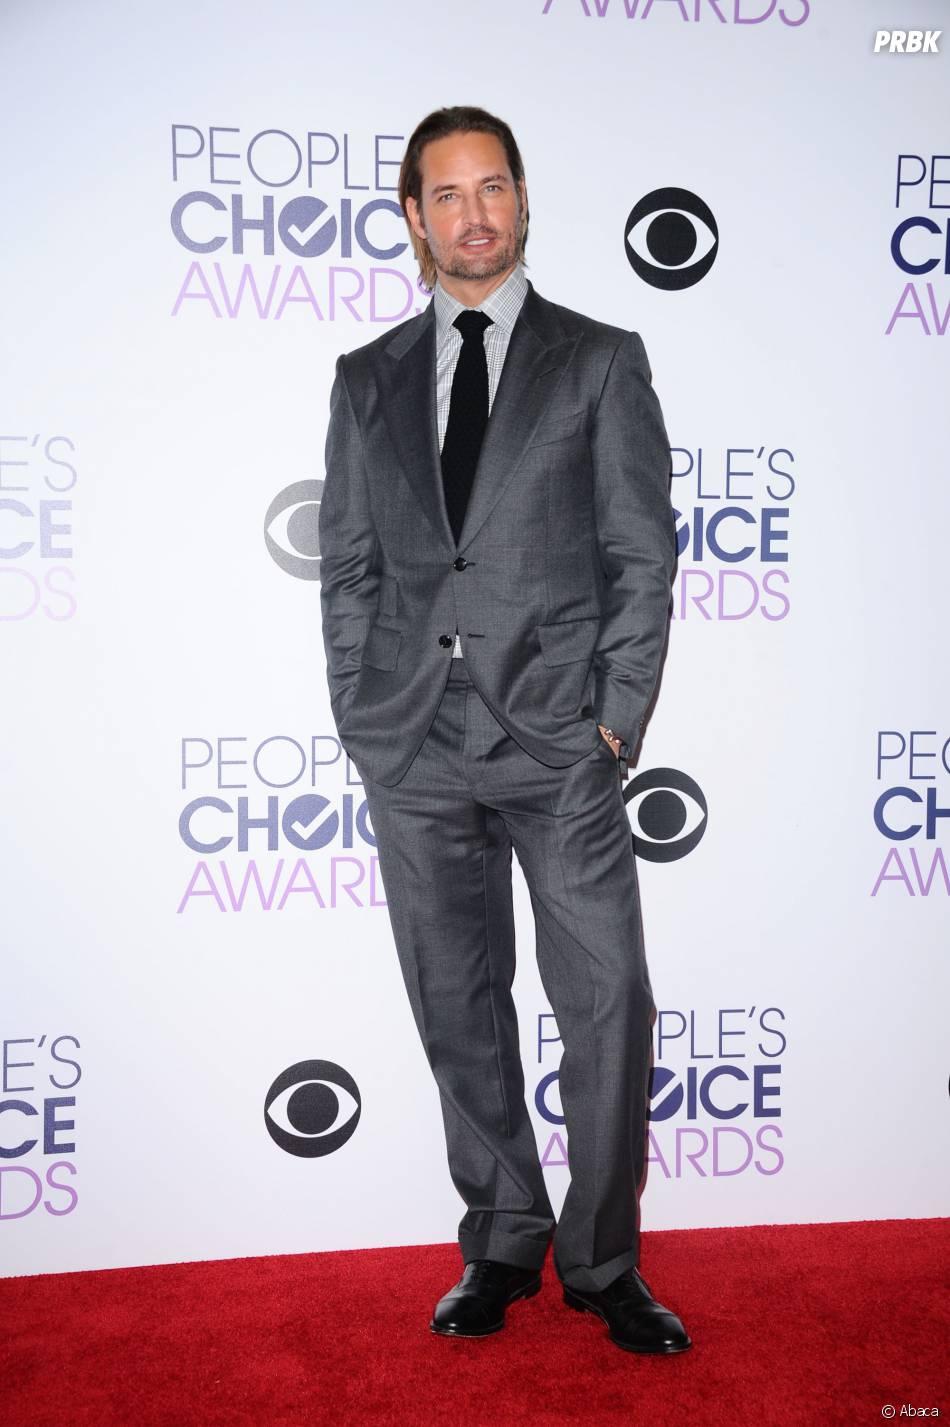 People's Choice Awards 2016 : Josh Holloway sur le tapis rouge le 6 janvier